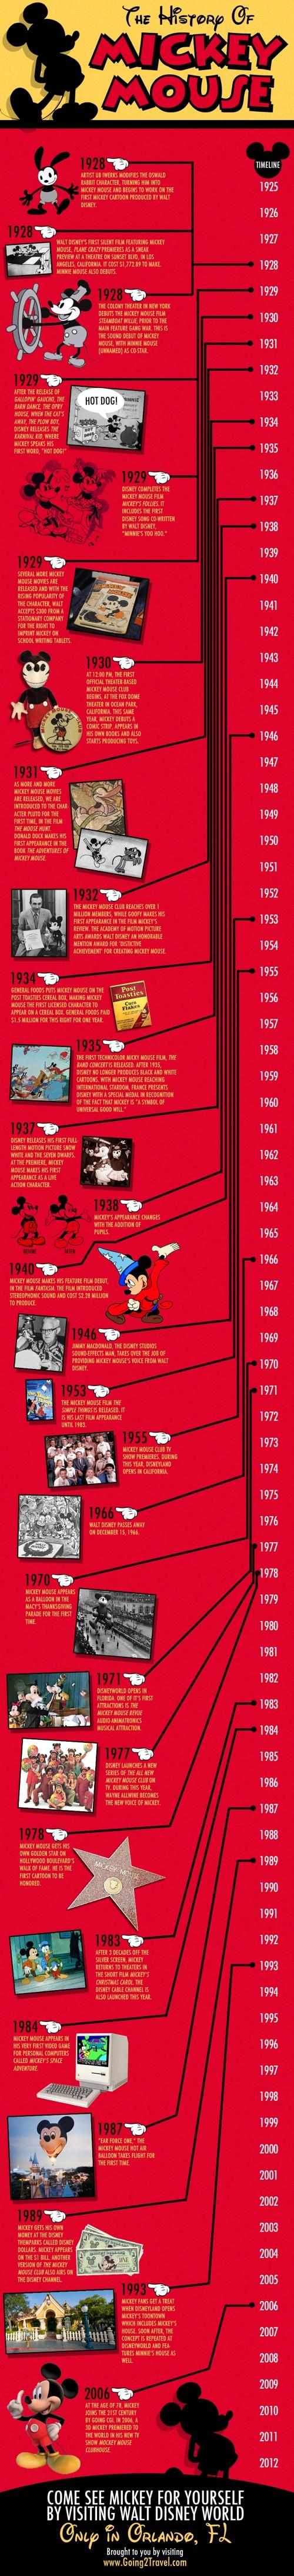 Historia de Mickey Mouse